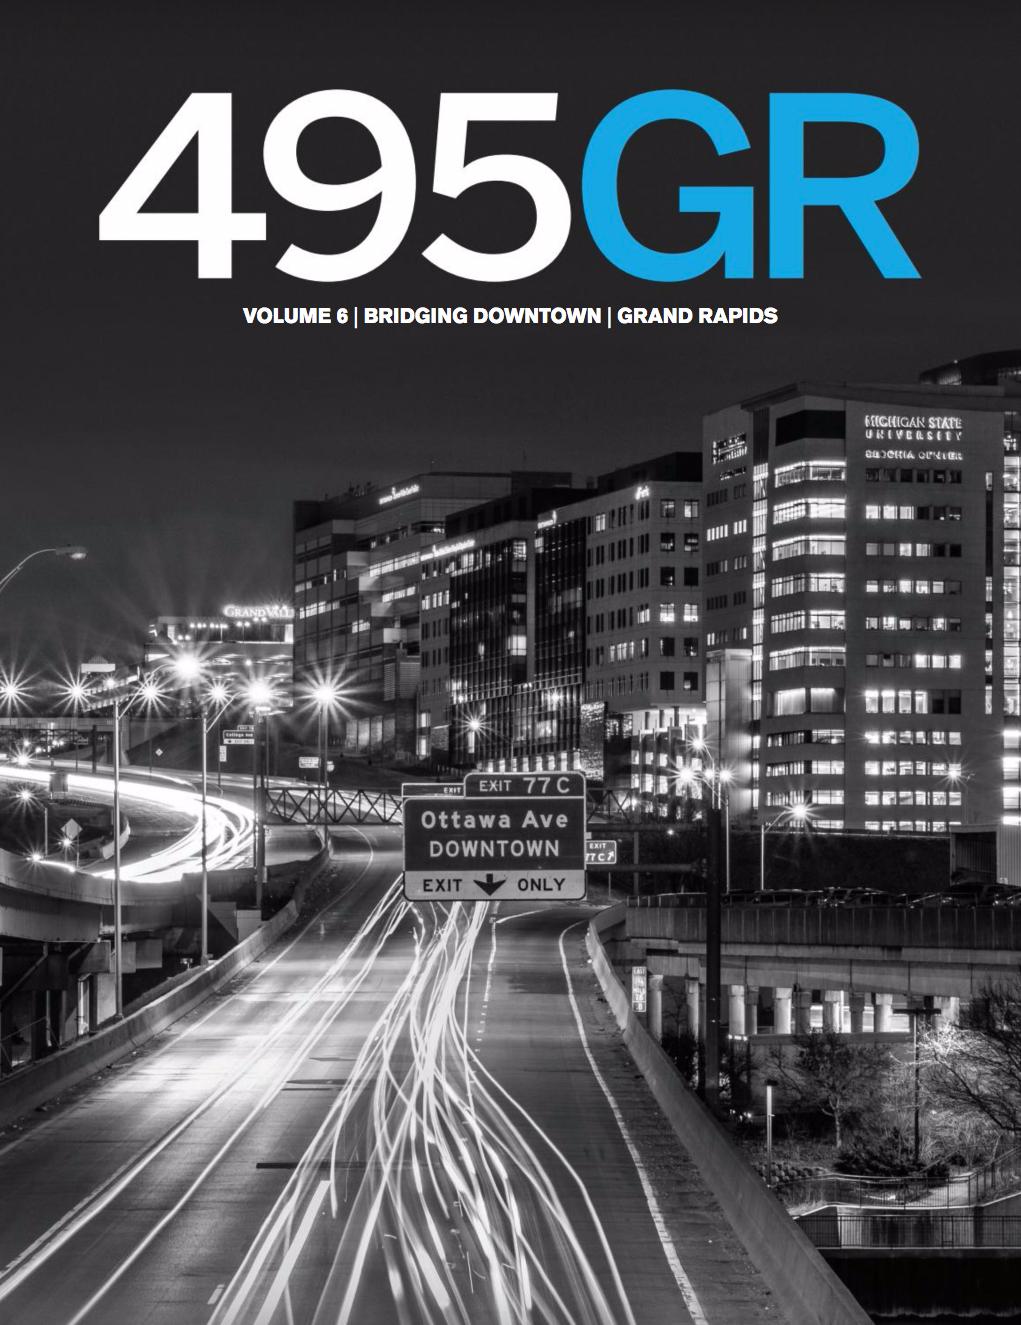 cover_495GR.jpg